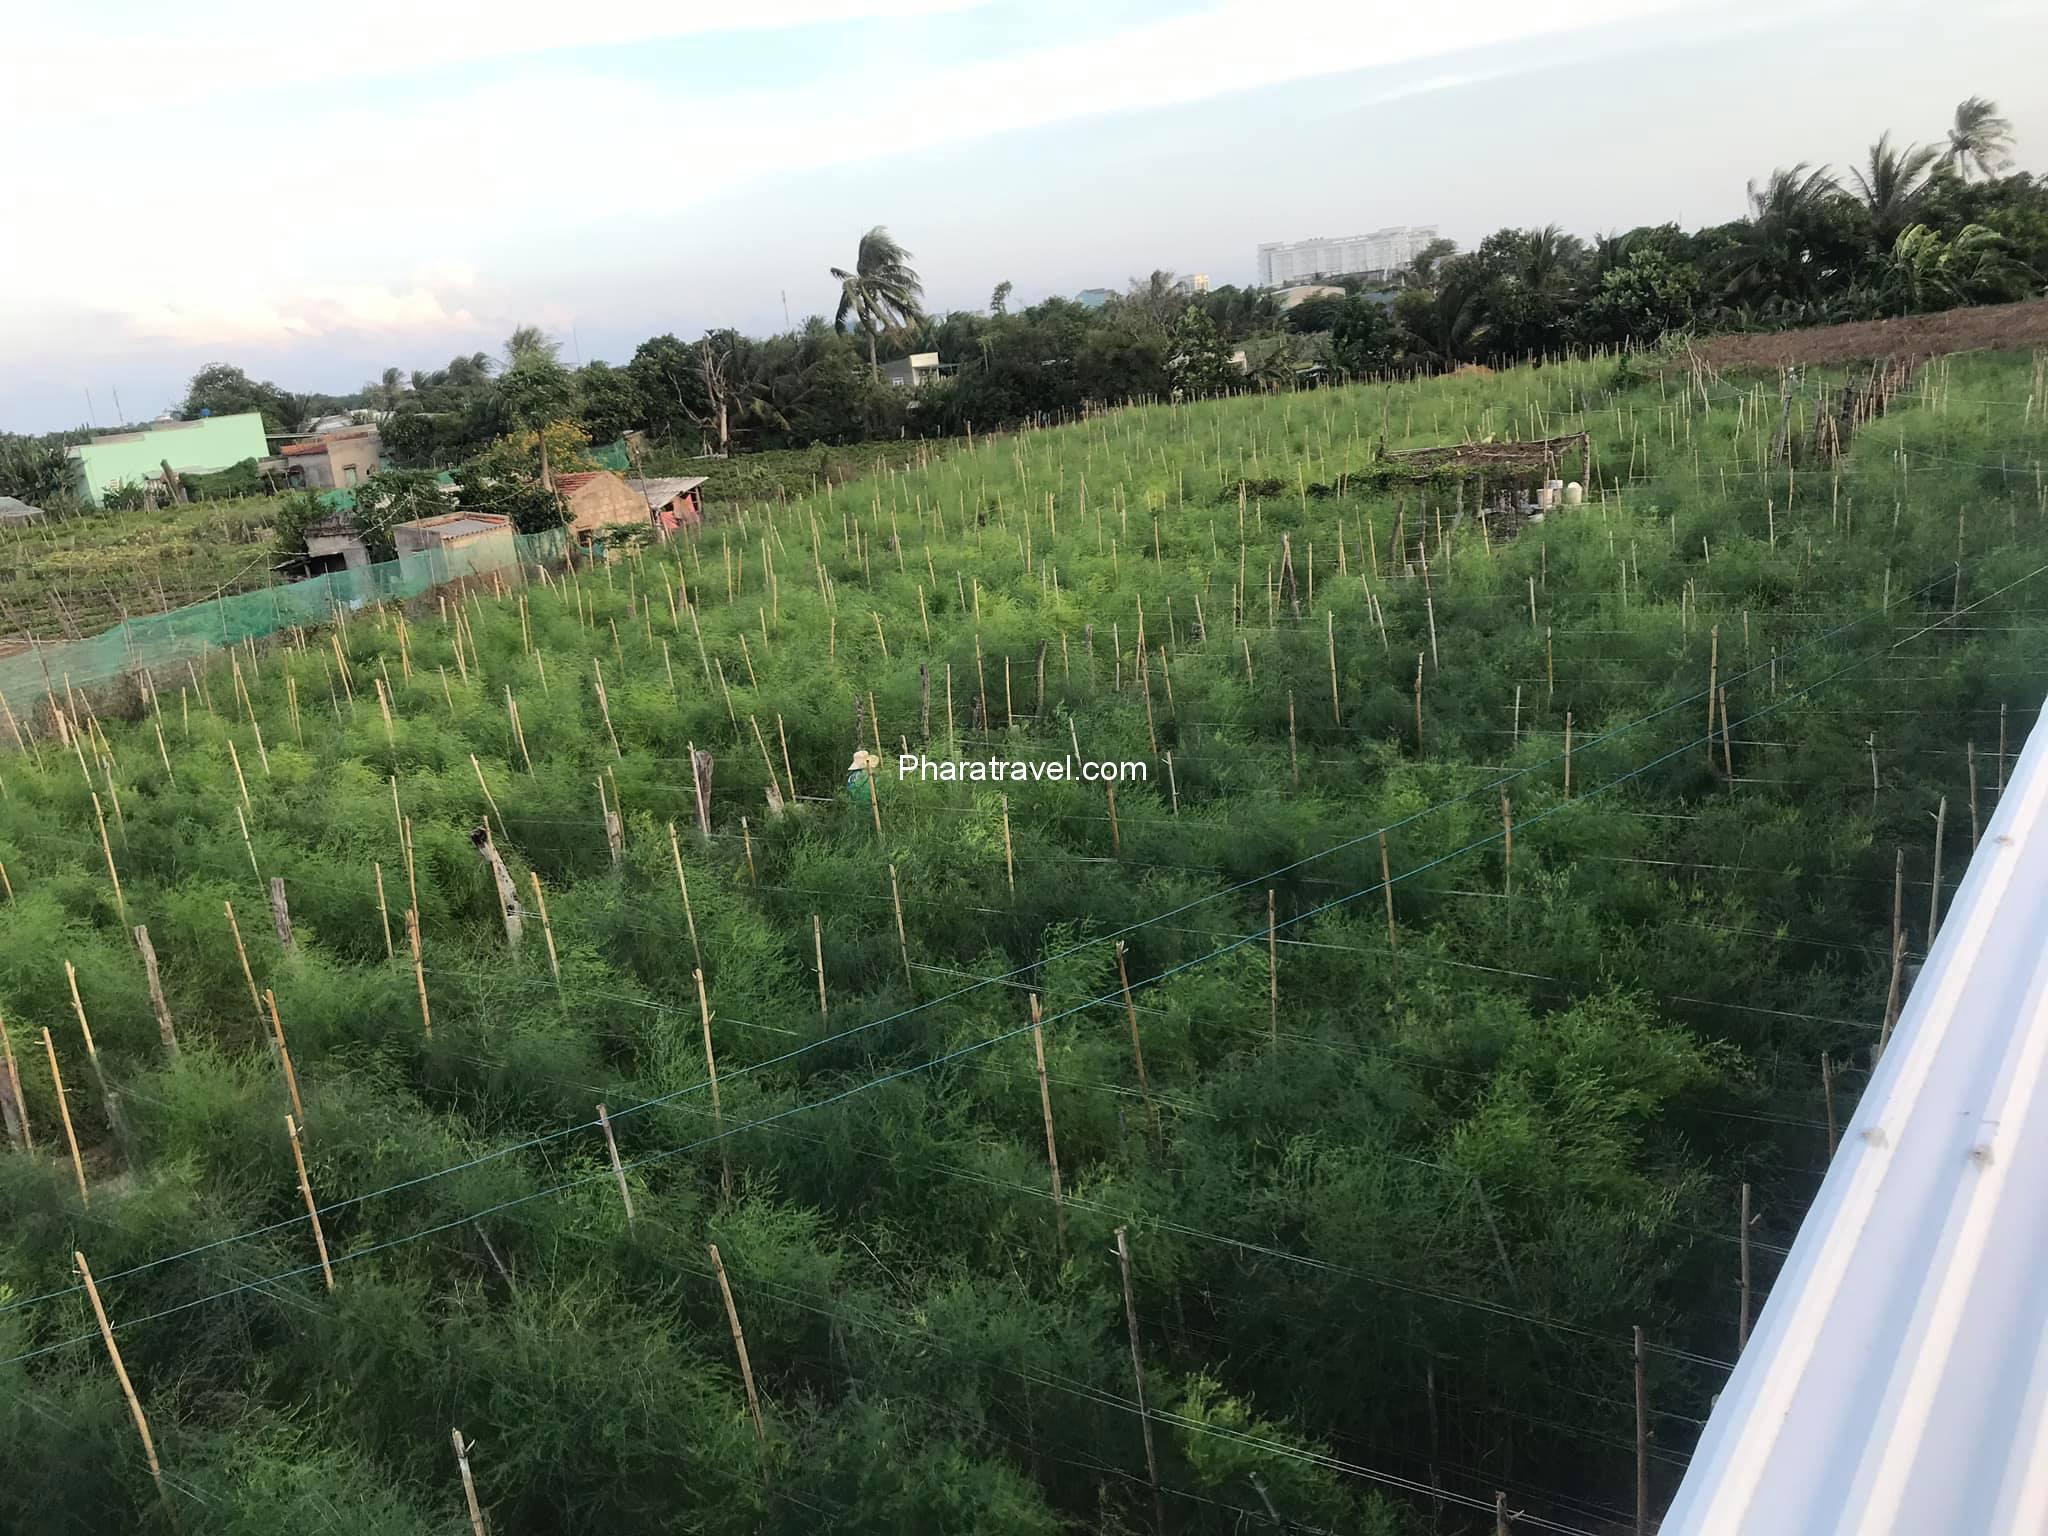 Măng tây Ninh Thuận: giá bán bao nhiêu, cách trồng và mua giống ở đâu?